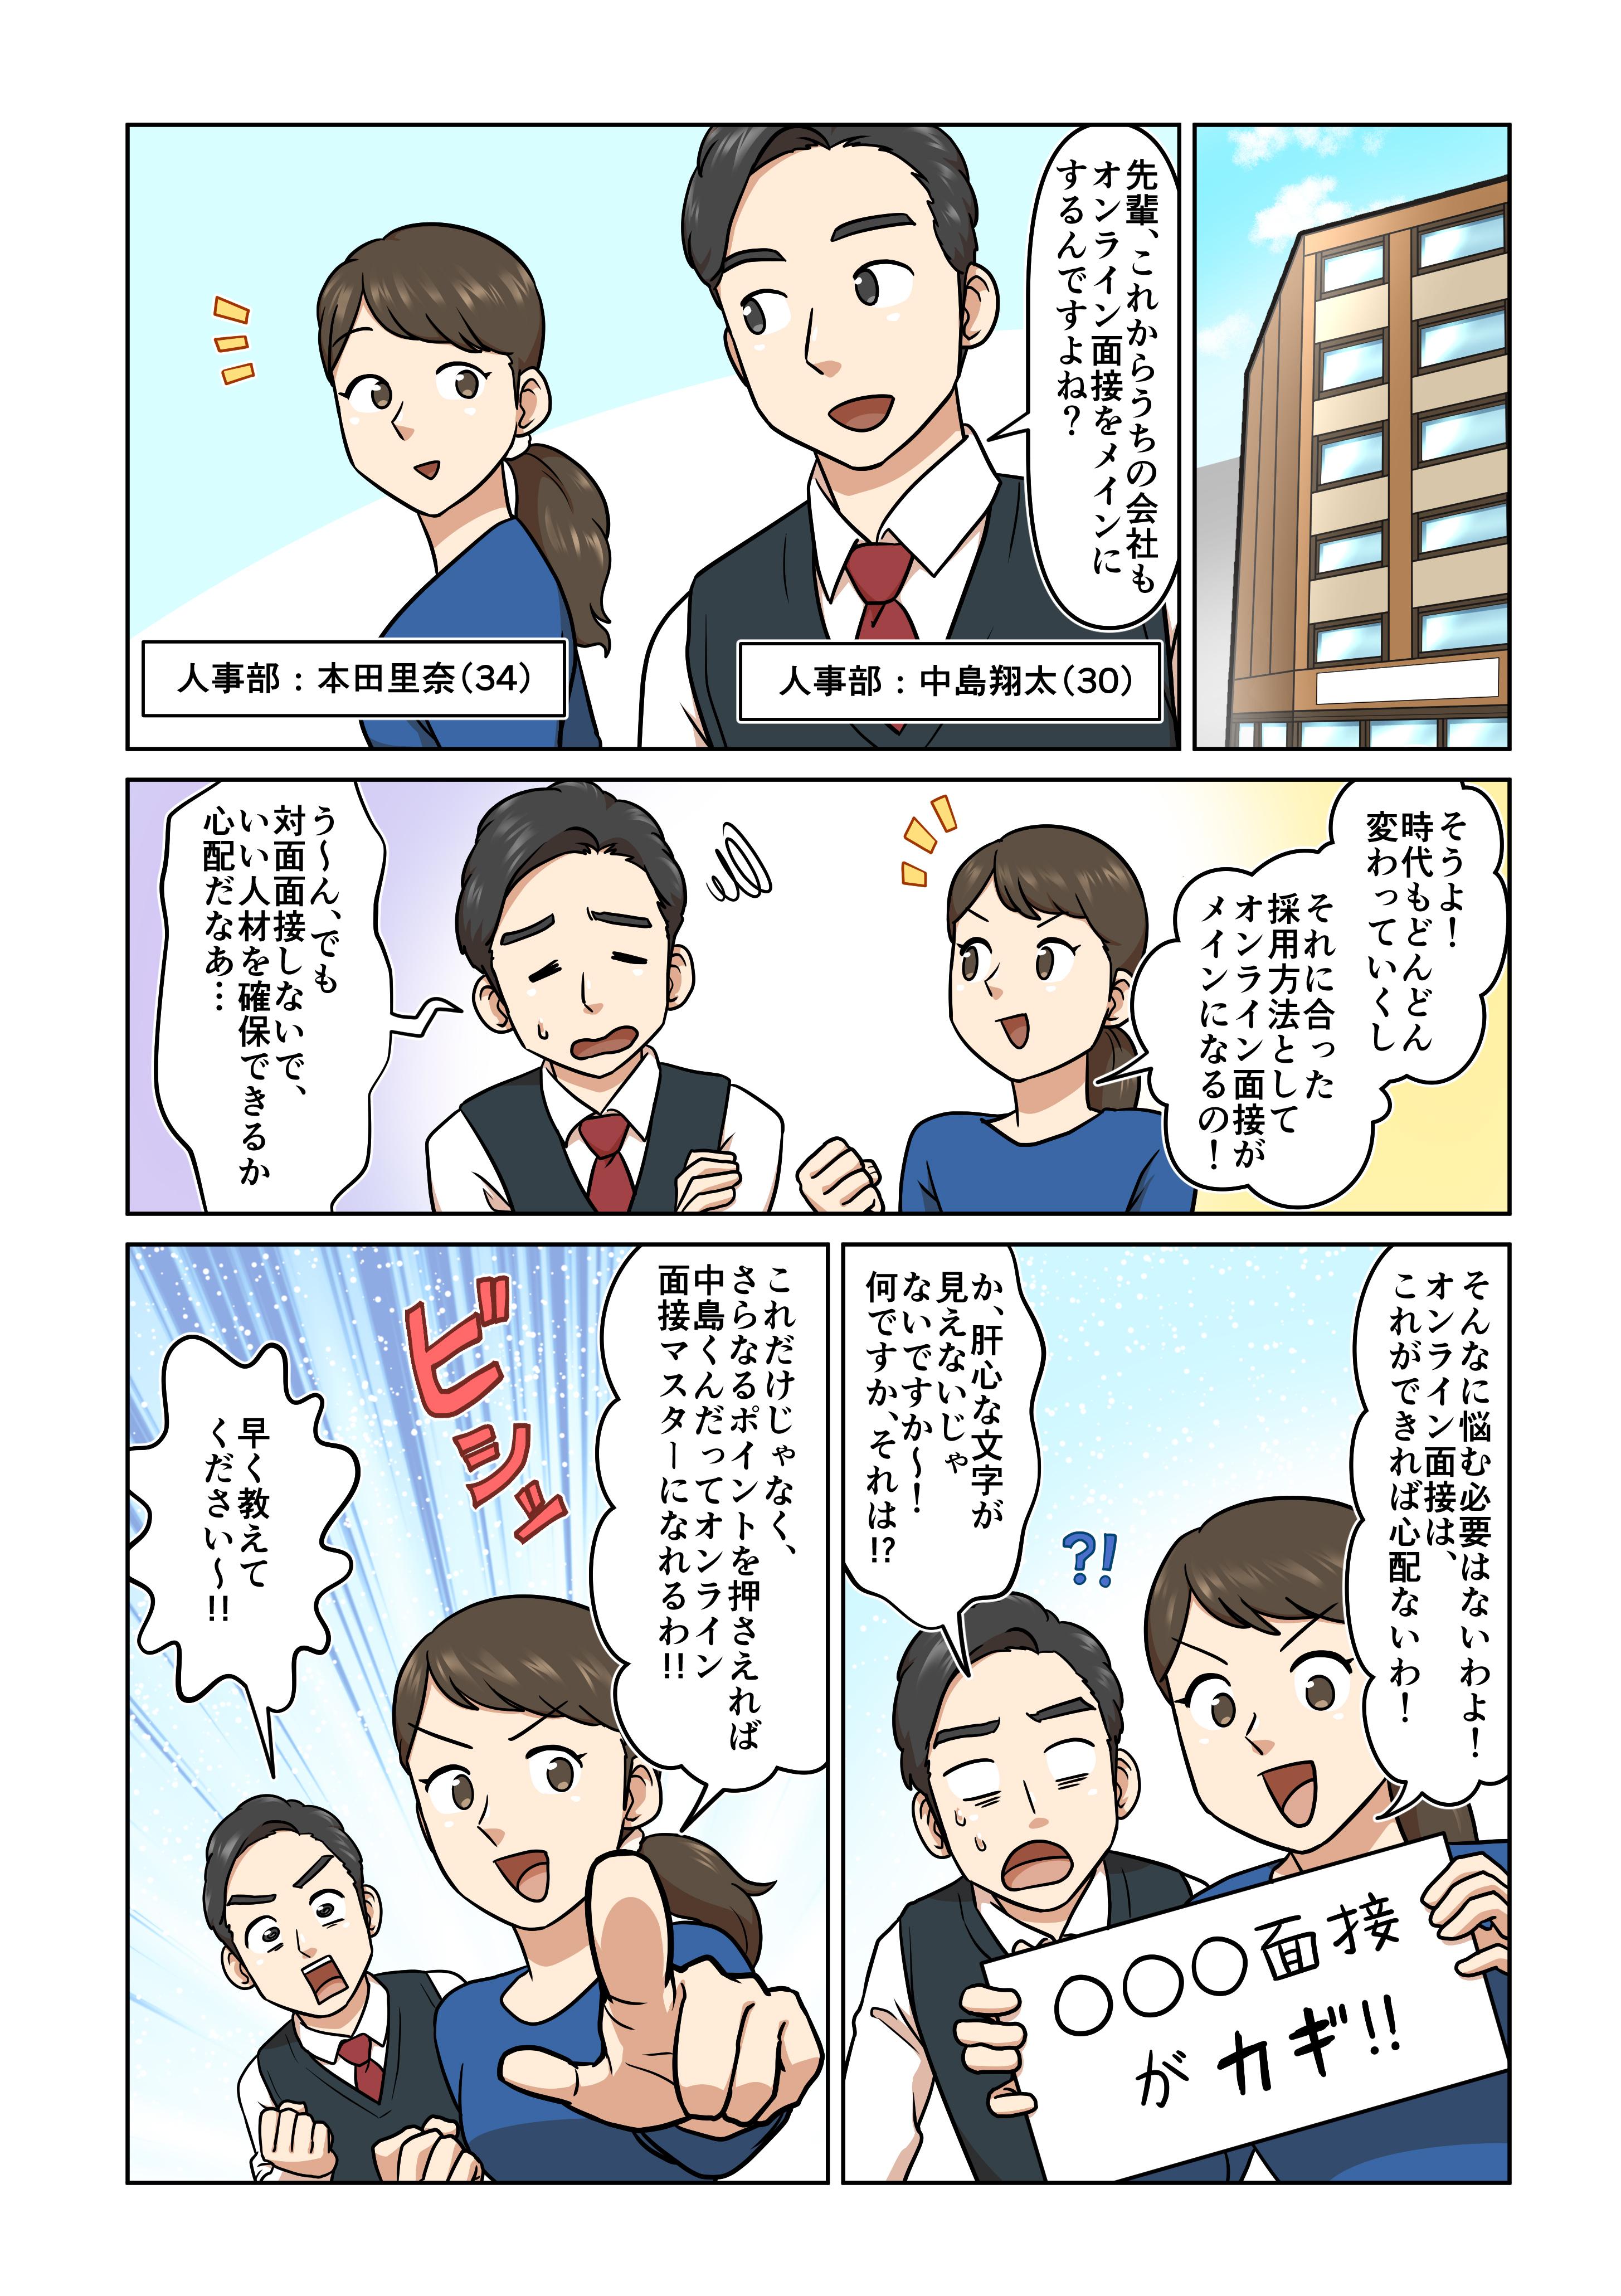 オンライン面接完全マニュアル~相手を見抜く質問集付~